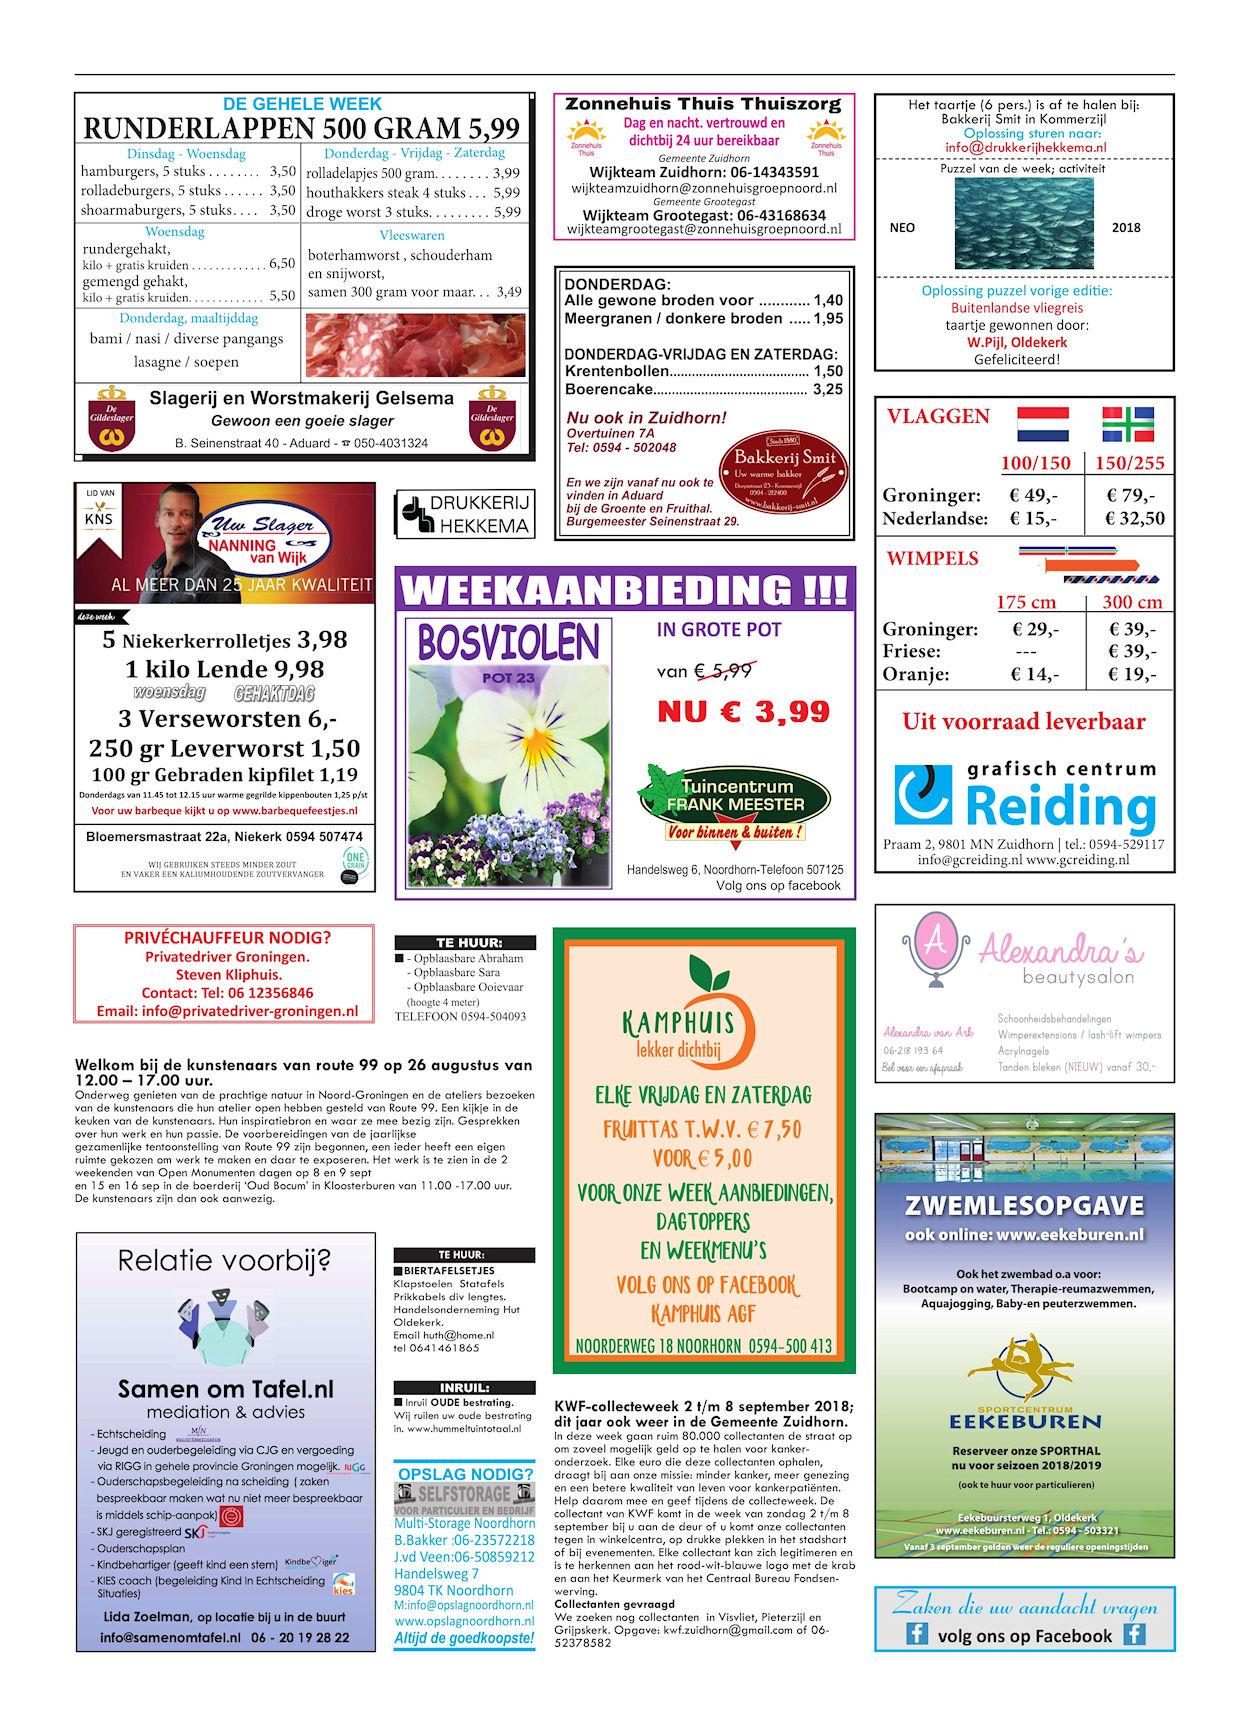 Drukkerij Hekkema - Zuidhorn - Zaken die uw aandacht vragen - 2018 week 35 (2)